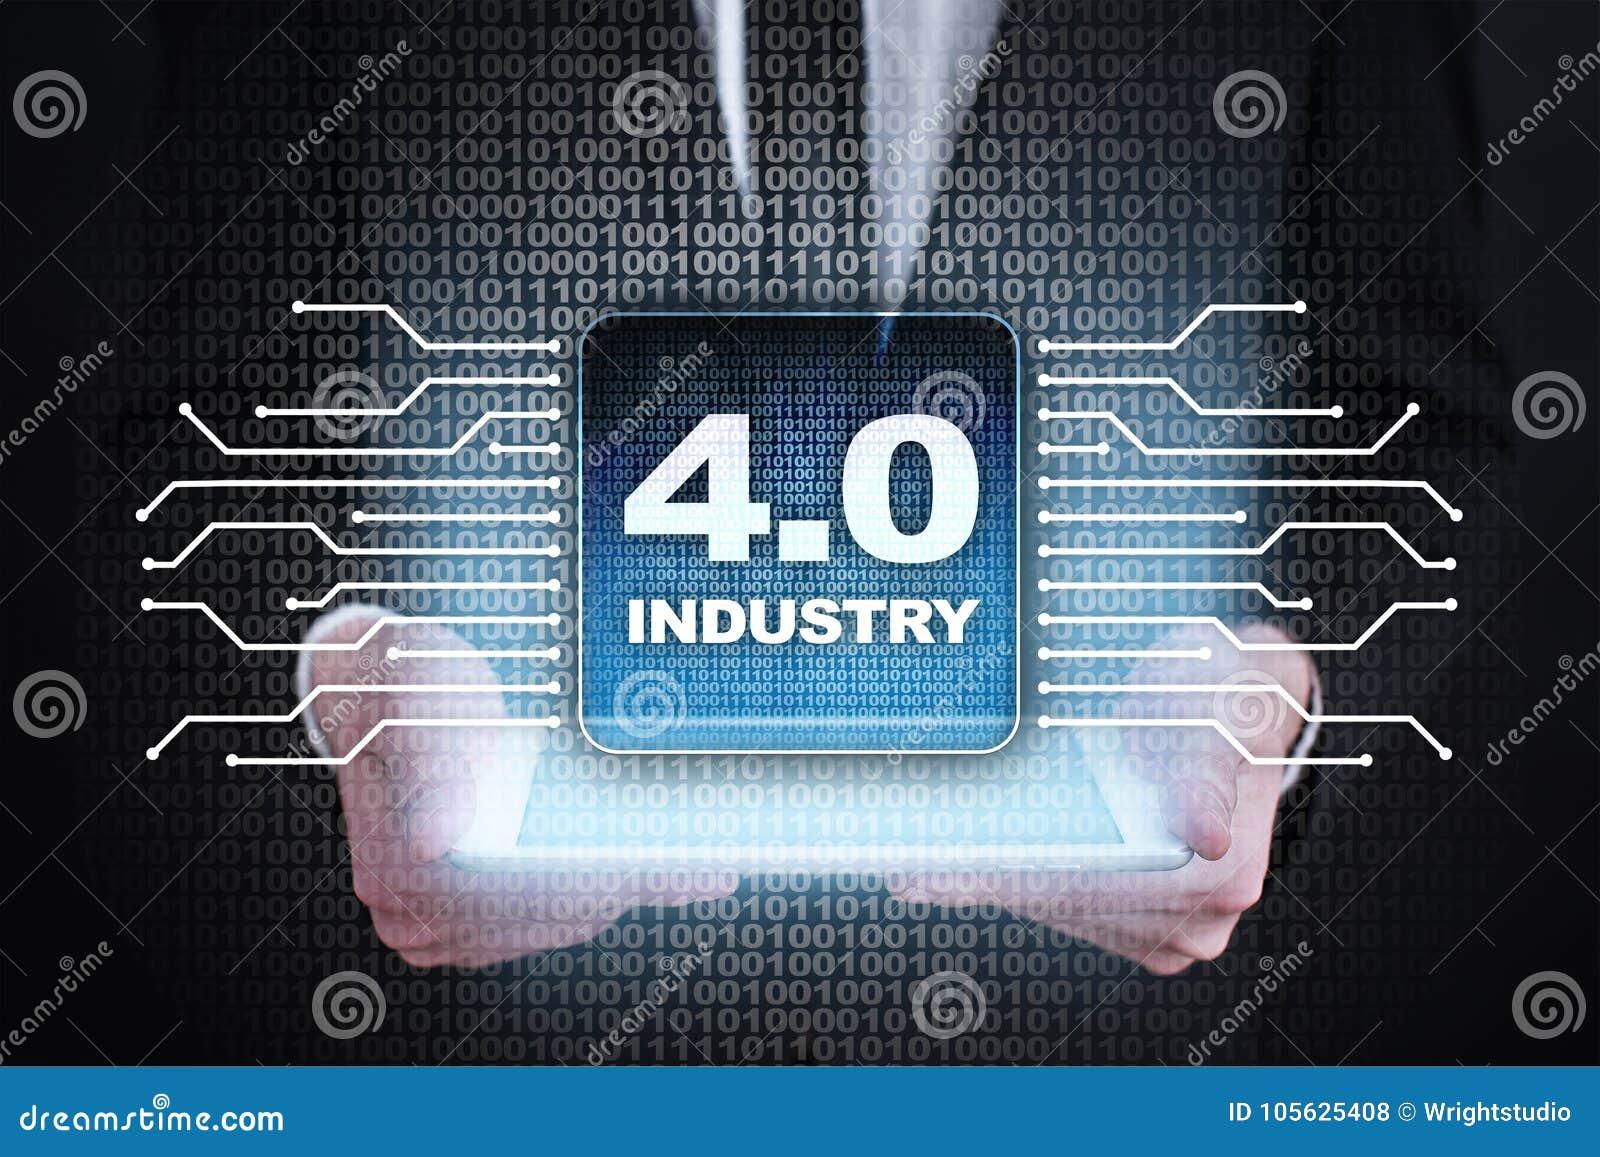 Industri 4 IOT E Smart fabriks- begrepp industriella 4 0 processinfrastruktur Bakgrund